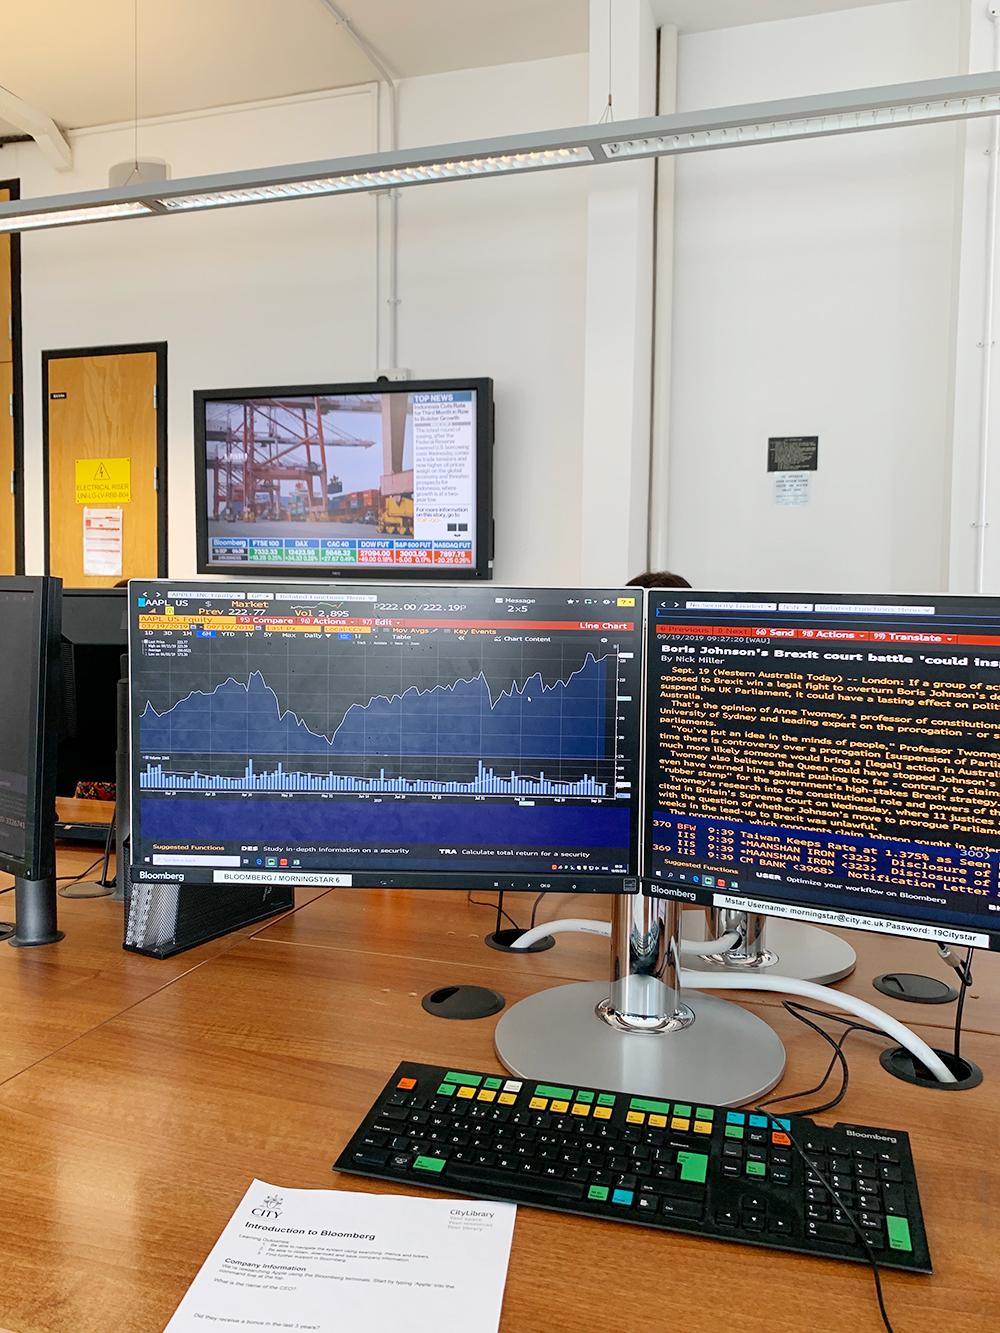 Блумберг-терминал — компьютер для&nbsp;поиска финансовой информации, который покупают по подписке стоимостью более 1 000 000<span class=ruble>Р</span> в год. В университете их около тридцати